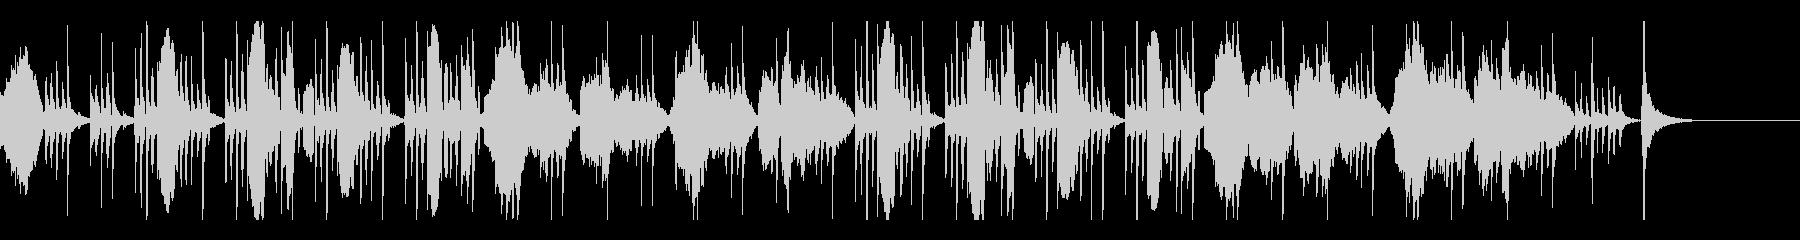 フルート、ファゴットのミステリアスな曲の未再生の波形